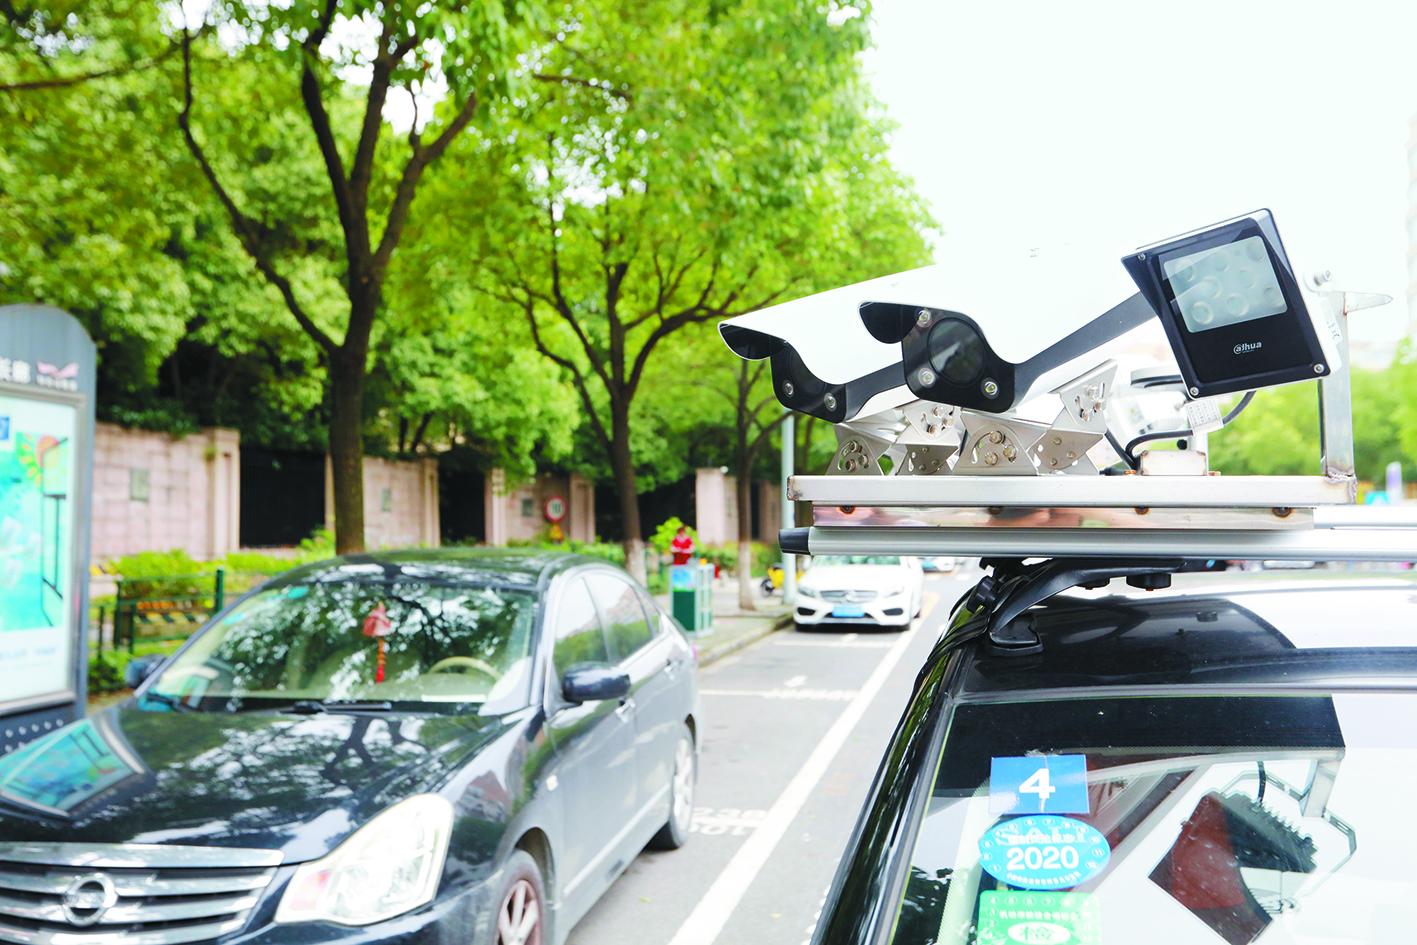 智慧停车,为治理城区拥堵寻找良方